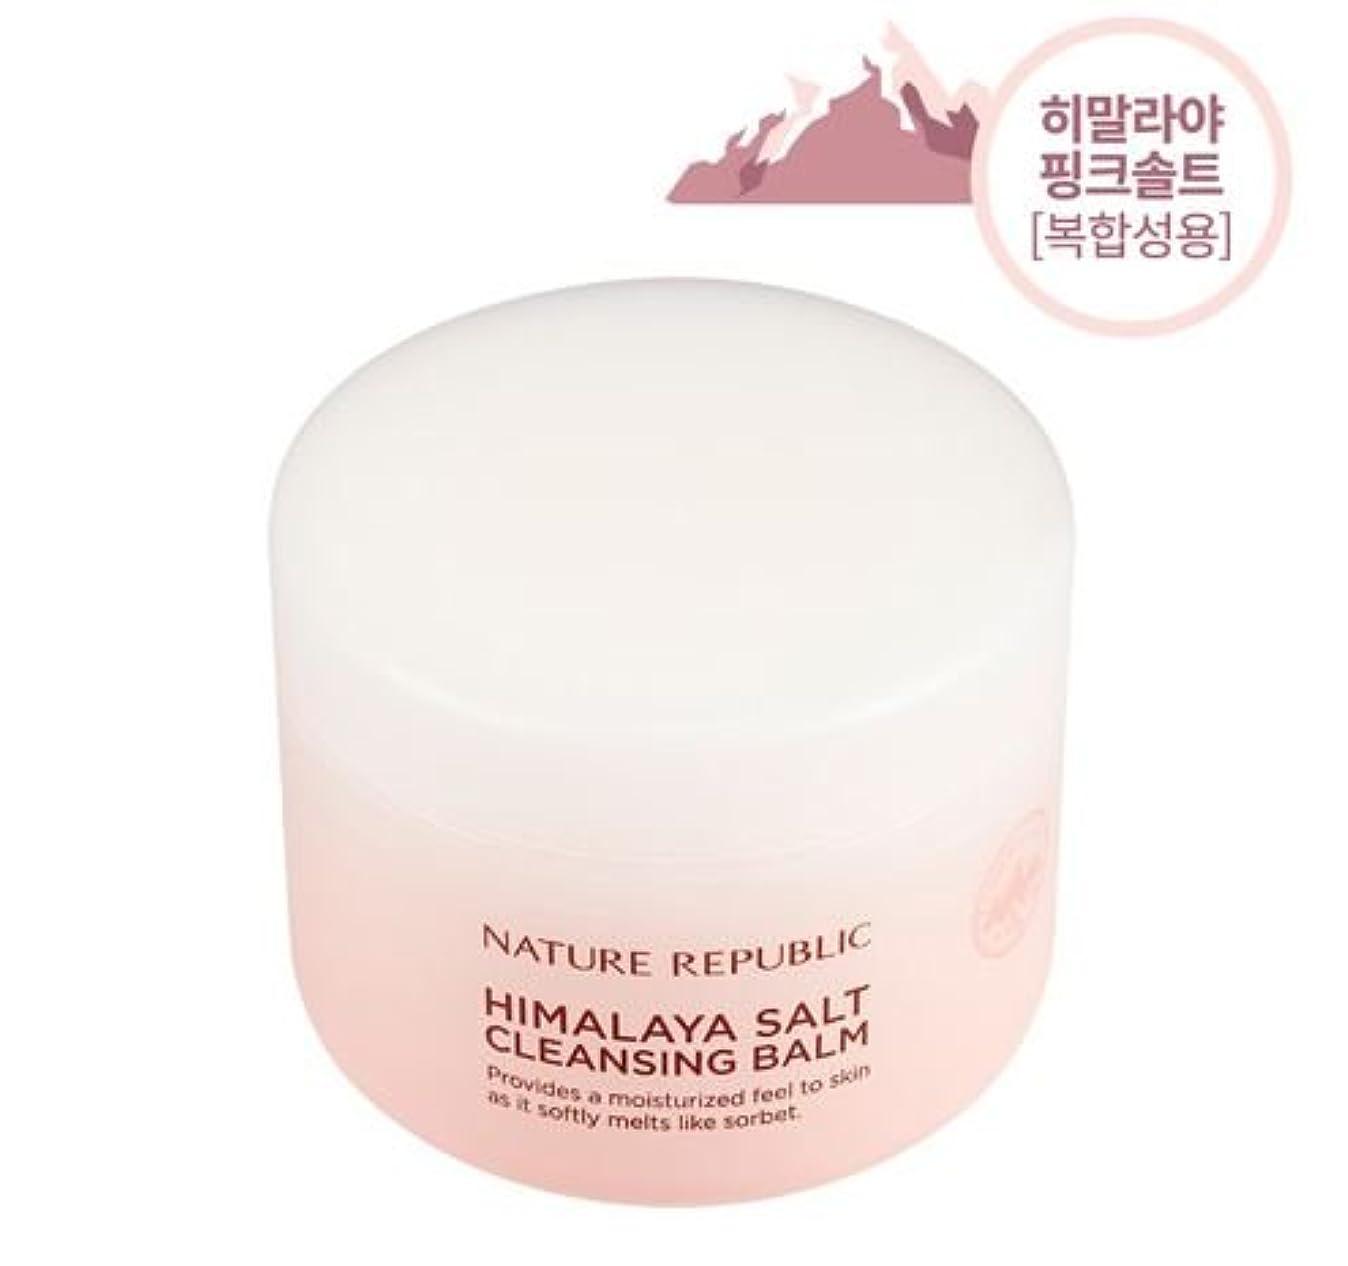 地上の調子マルクス主義Himalaya salt cleansing balm (PINK SALT)ヒマラヤソルトクレンジングバーム(pink salt) [並行輸入品]